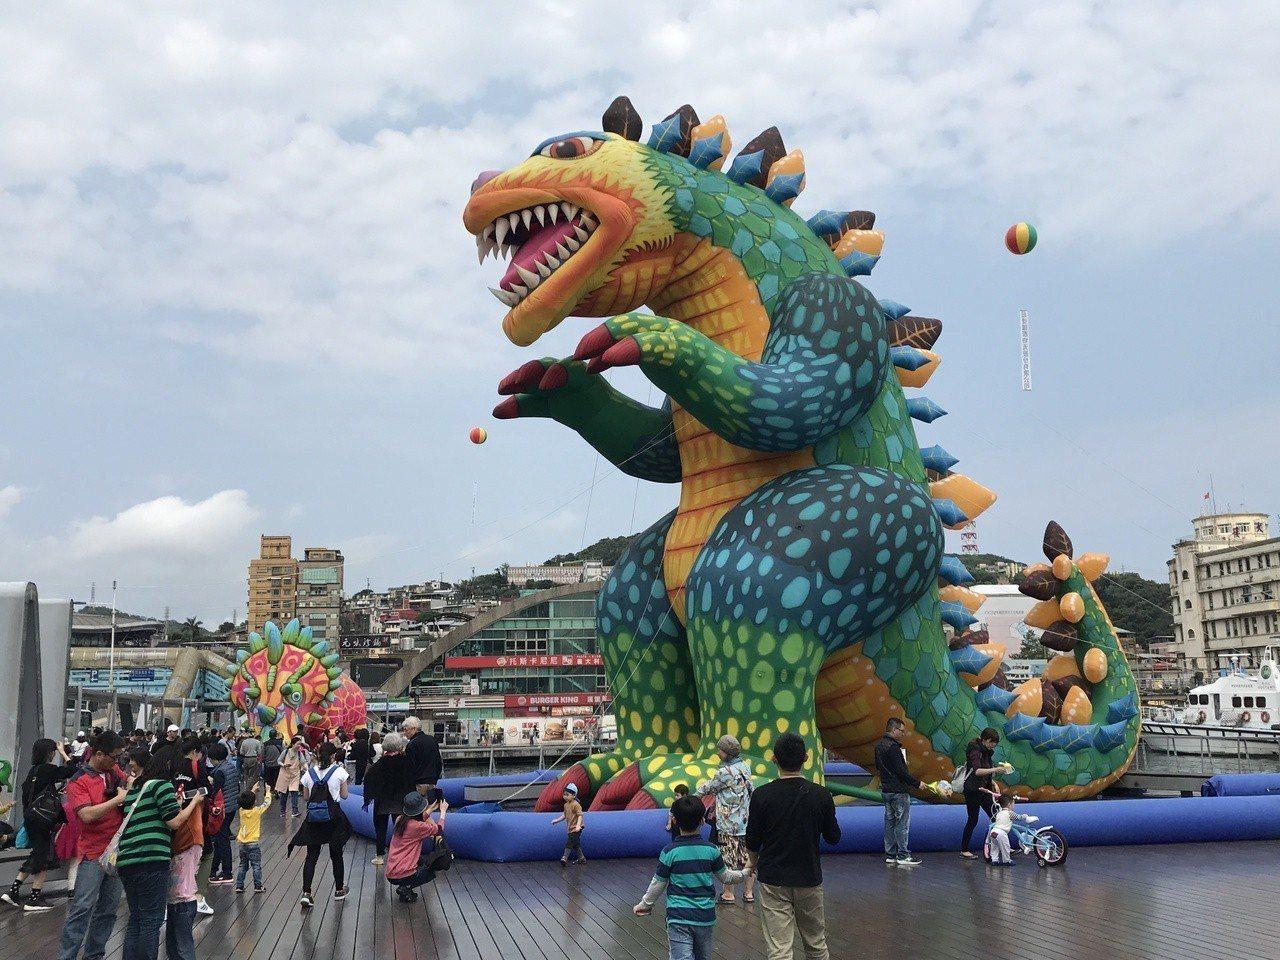 「2019基隆童話藝術節」今天開幕,雷克斯龍、圓頂龍及彼得修斯角龍前滿滿都是人。...